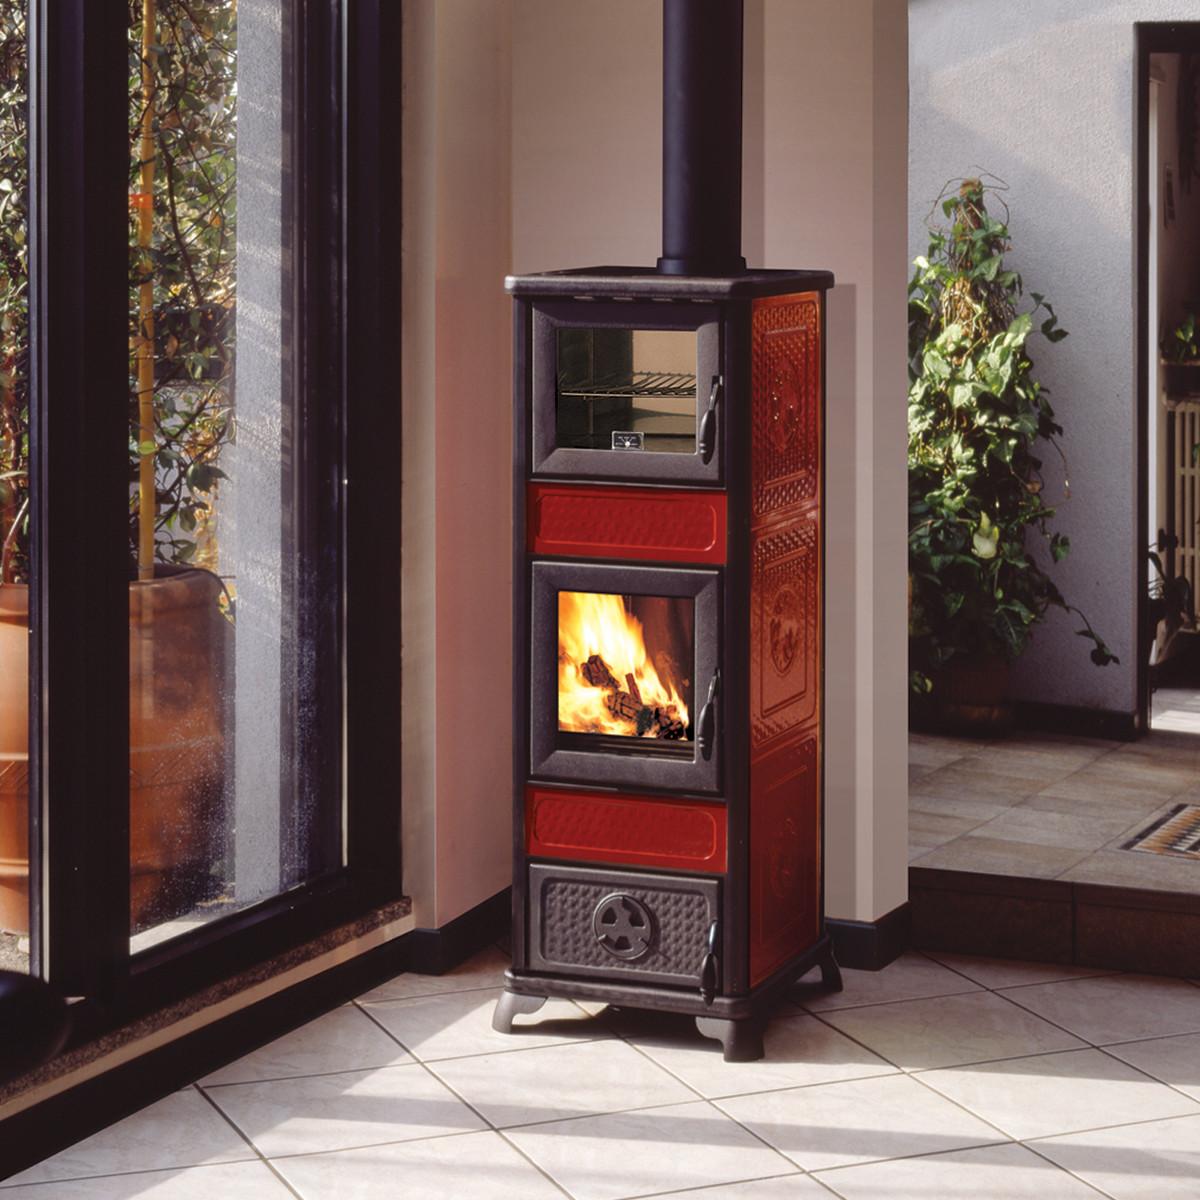 Stufa legna con forno al prezzo migliore offerte opinioni recensioni sconti ebay kelkoo - Stufa a legna termosifoni ...